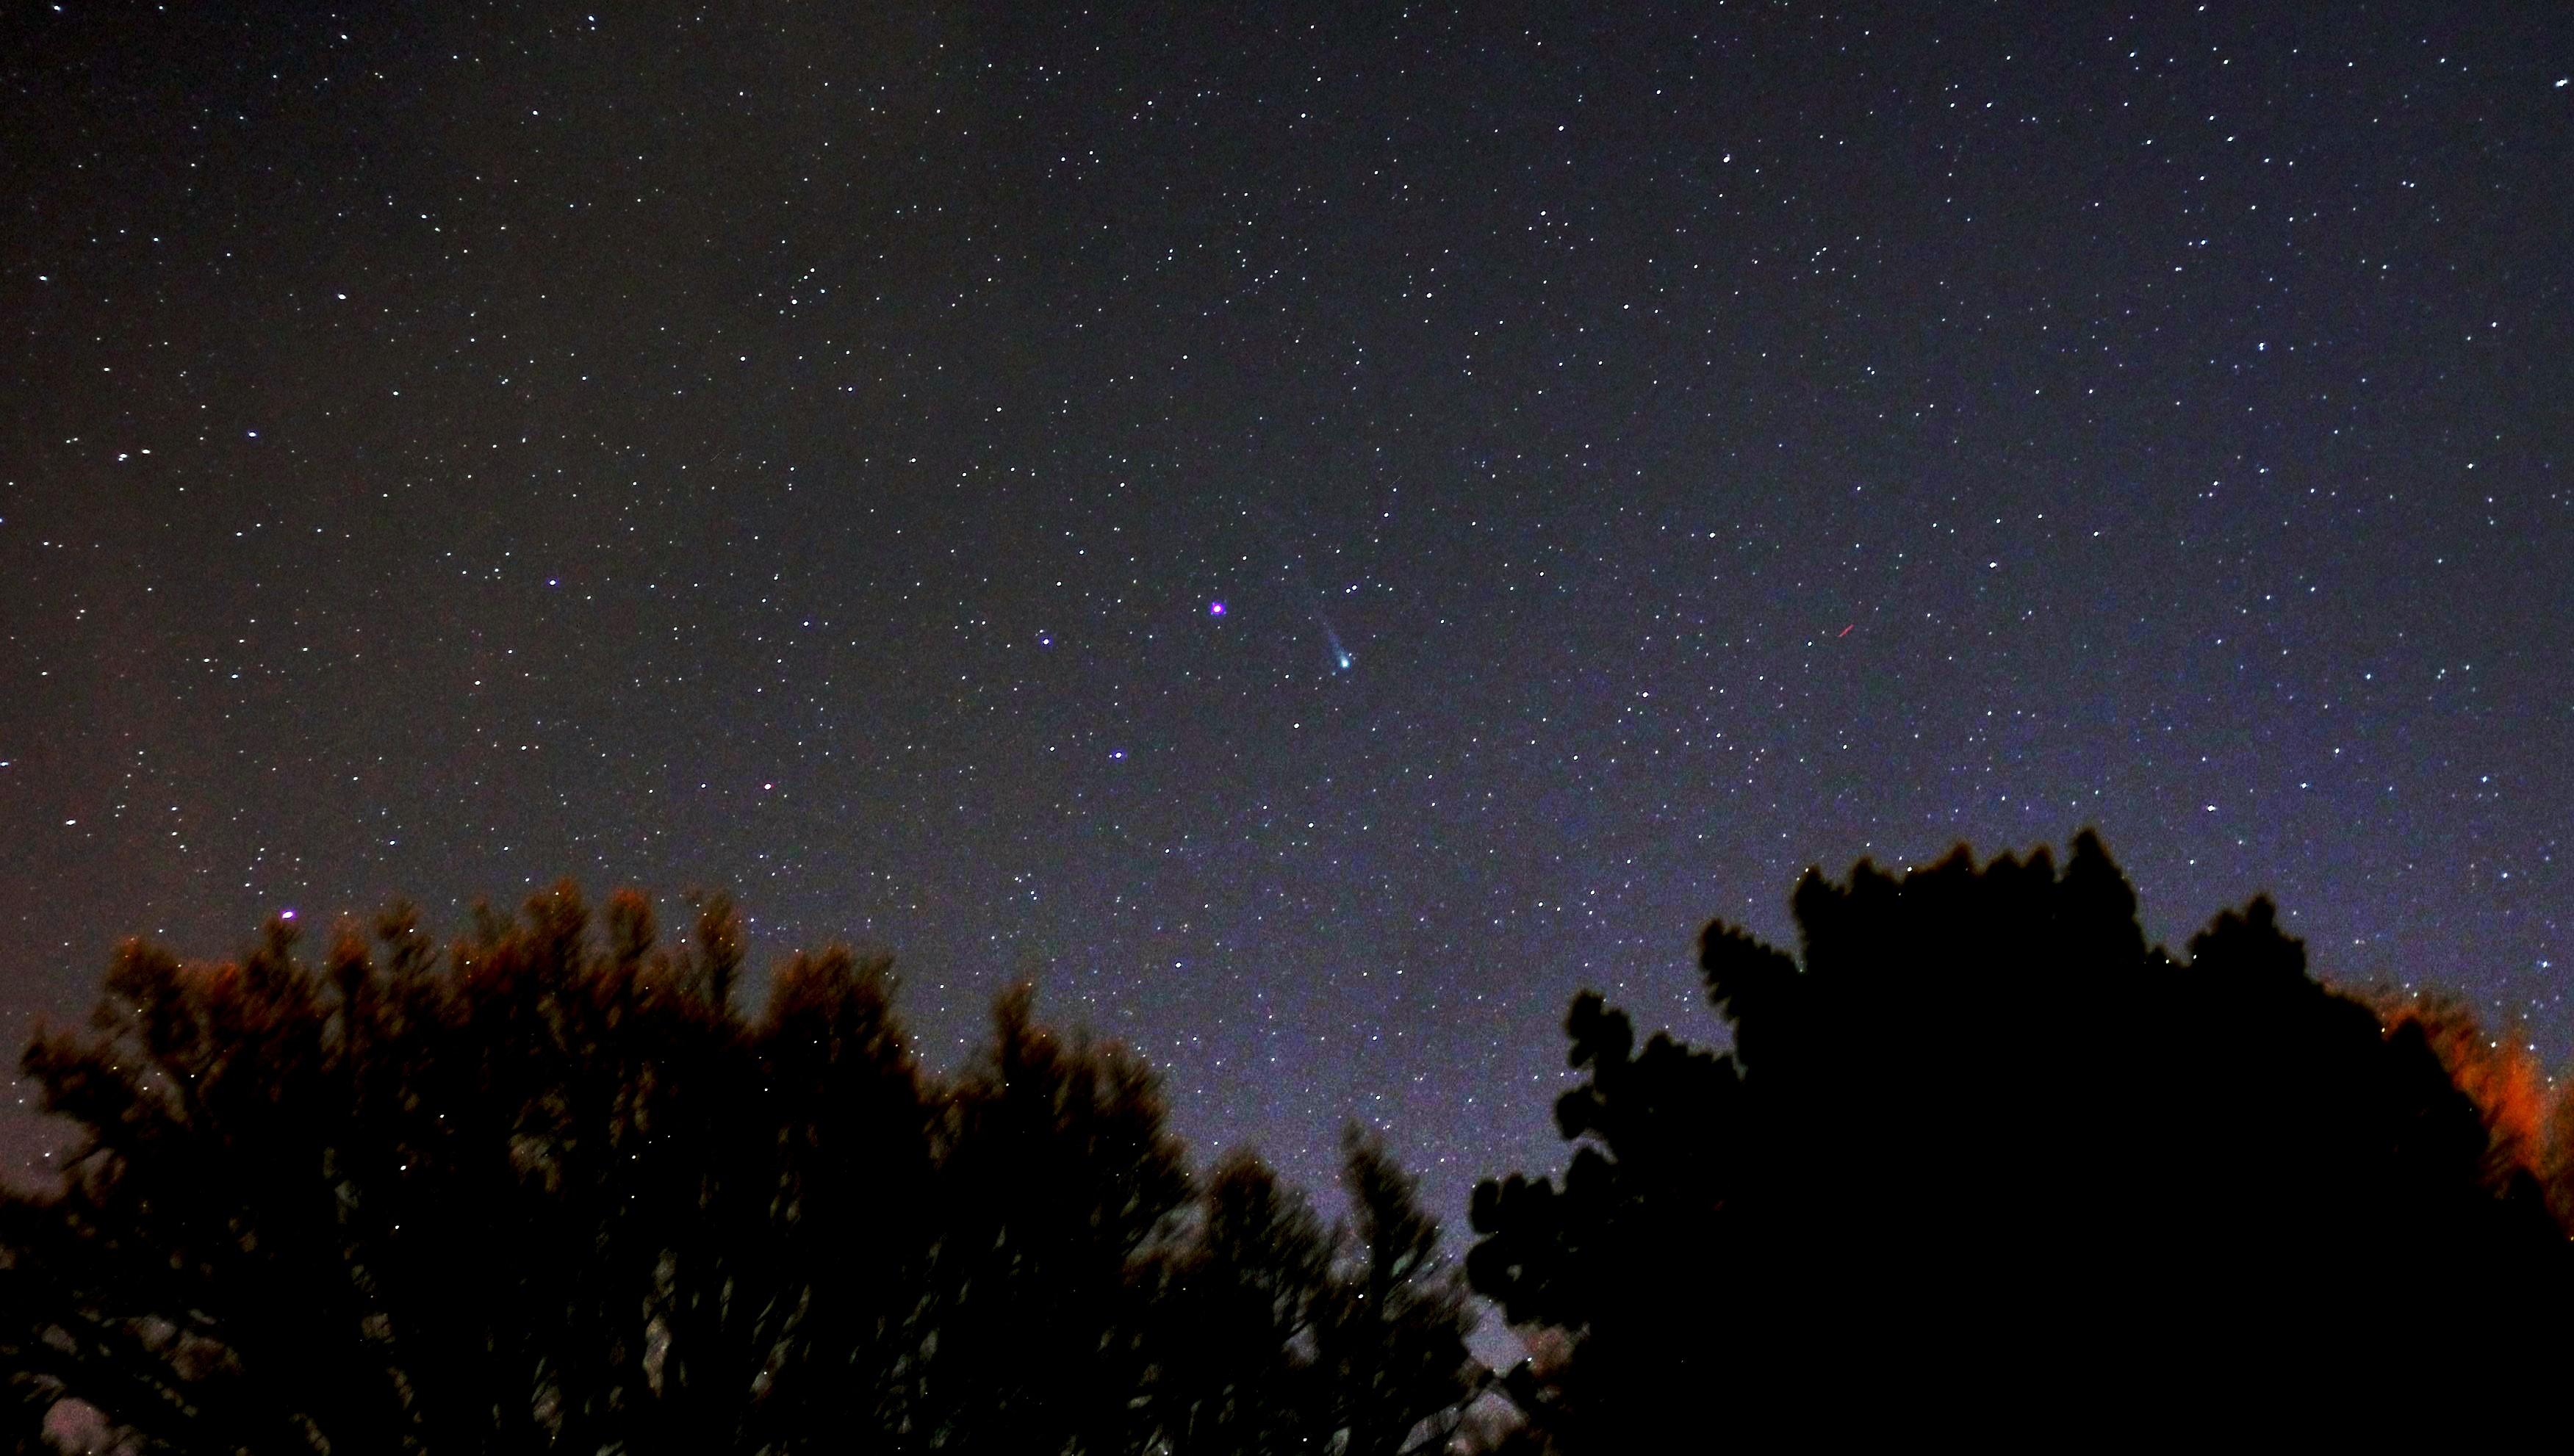 comet ison update - HD3503×1982